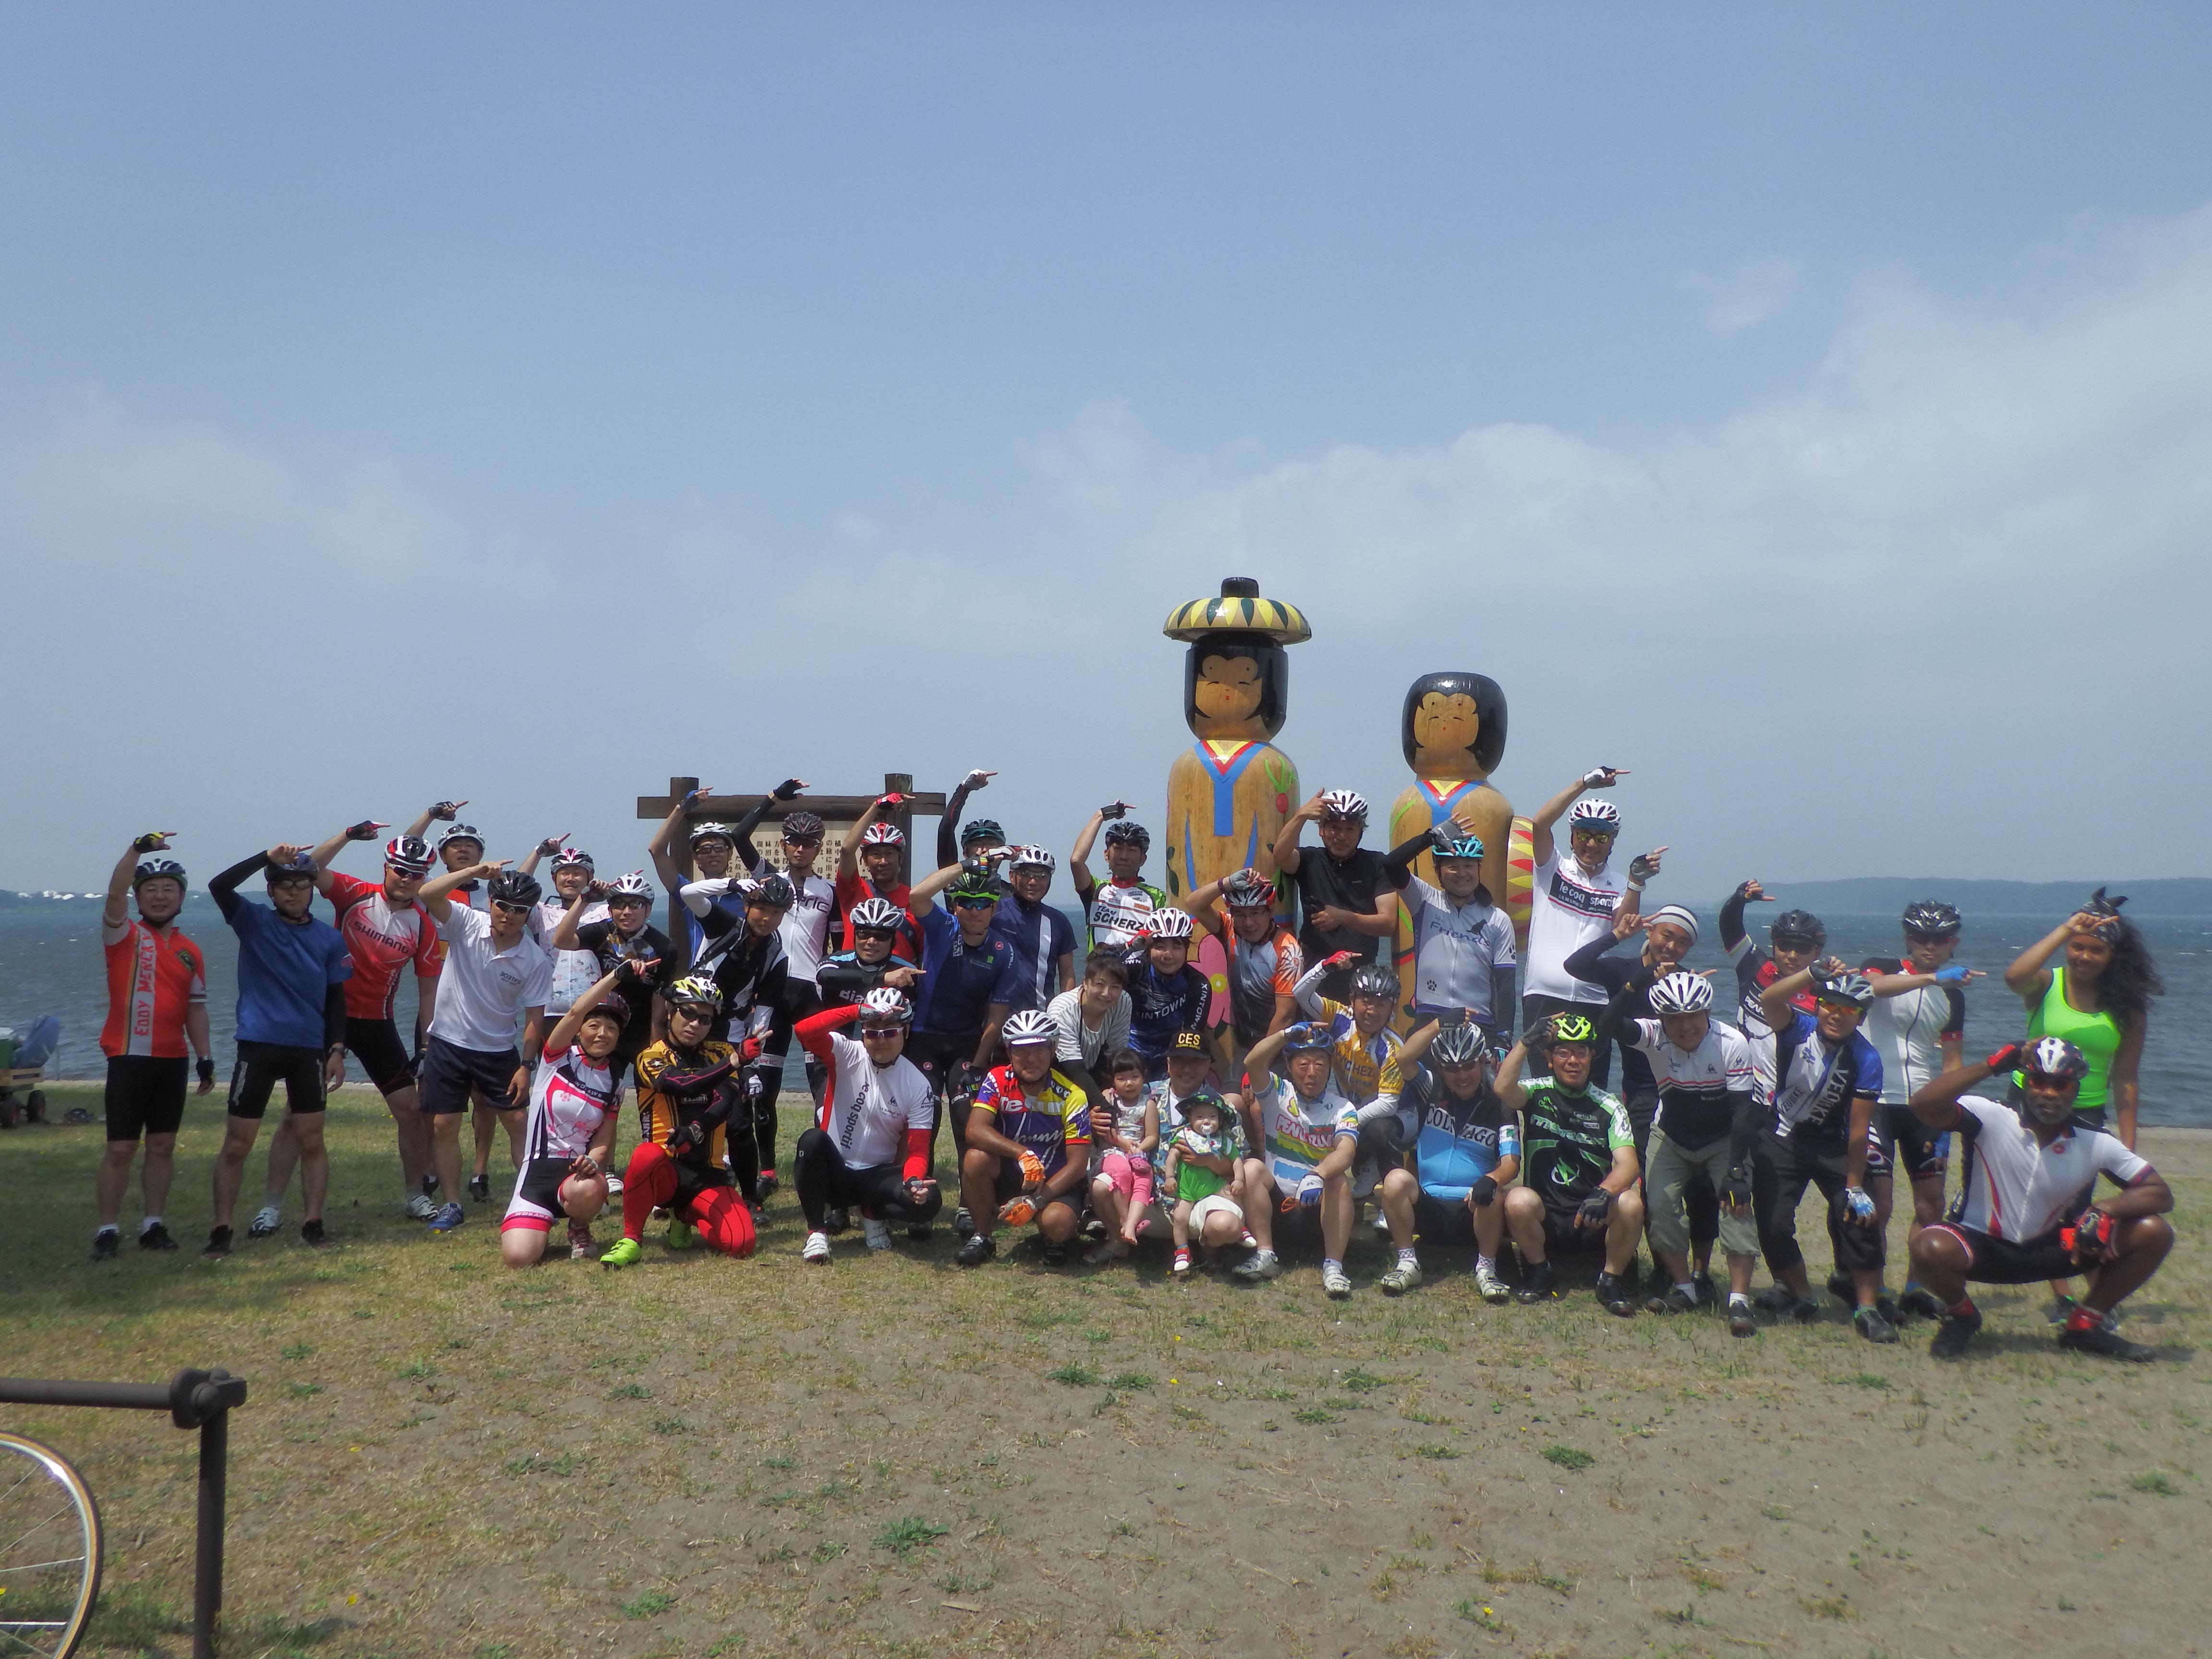 日本国青森県小川原湖一周サイクリング「2019夏の陣」